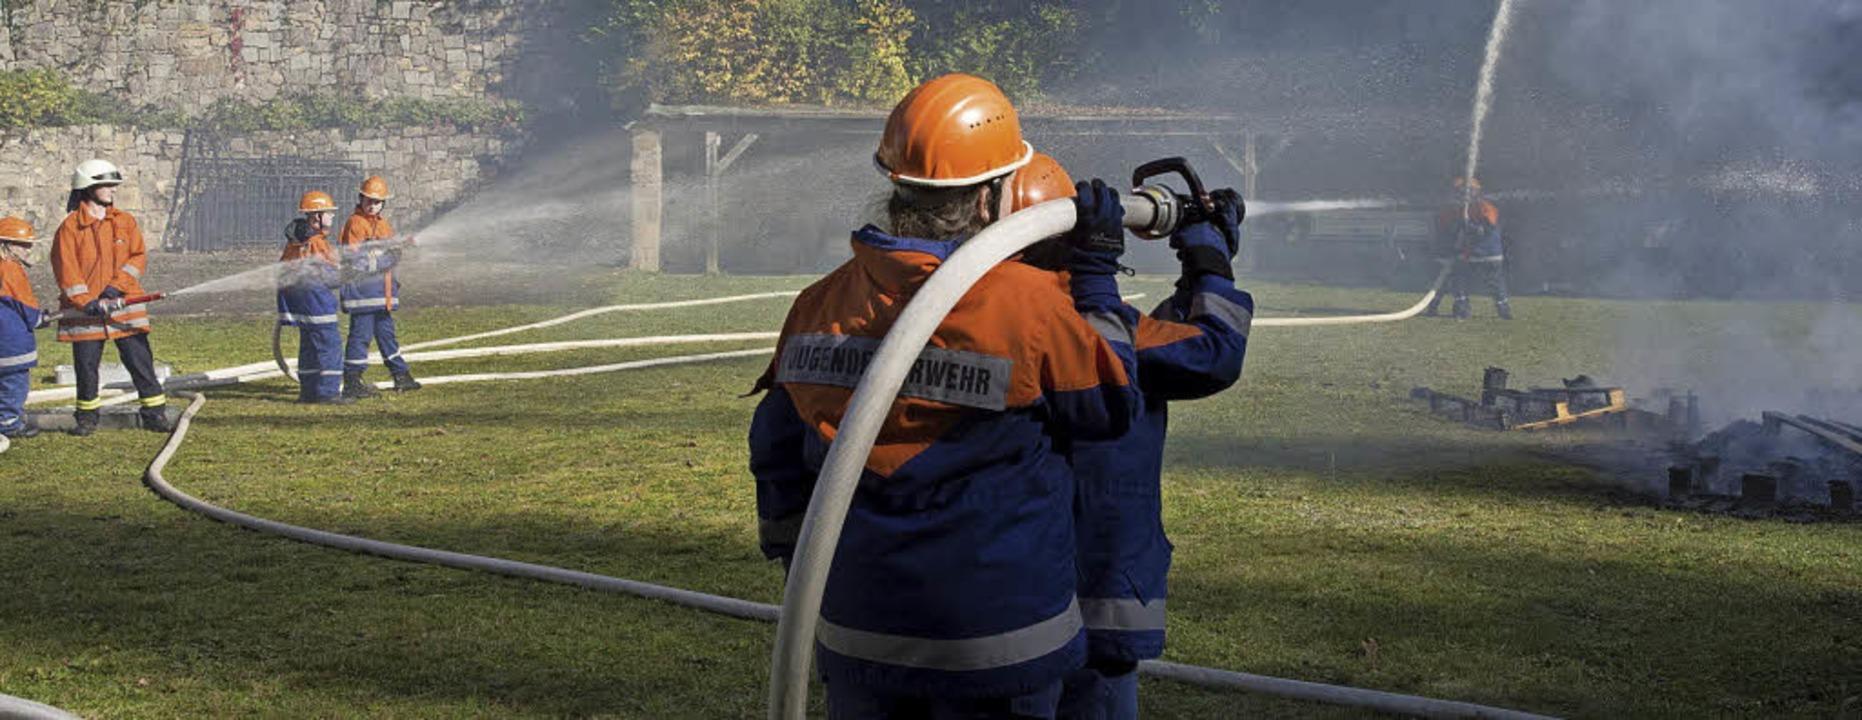 Krönung des 24-Stunden-Einsatzdienstes... Badenweiler war die Brandbekämpfung.     Foto: mps